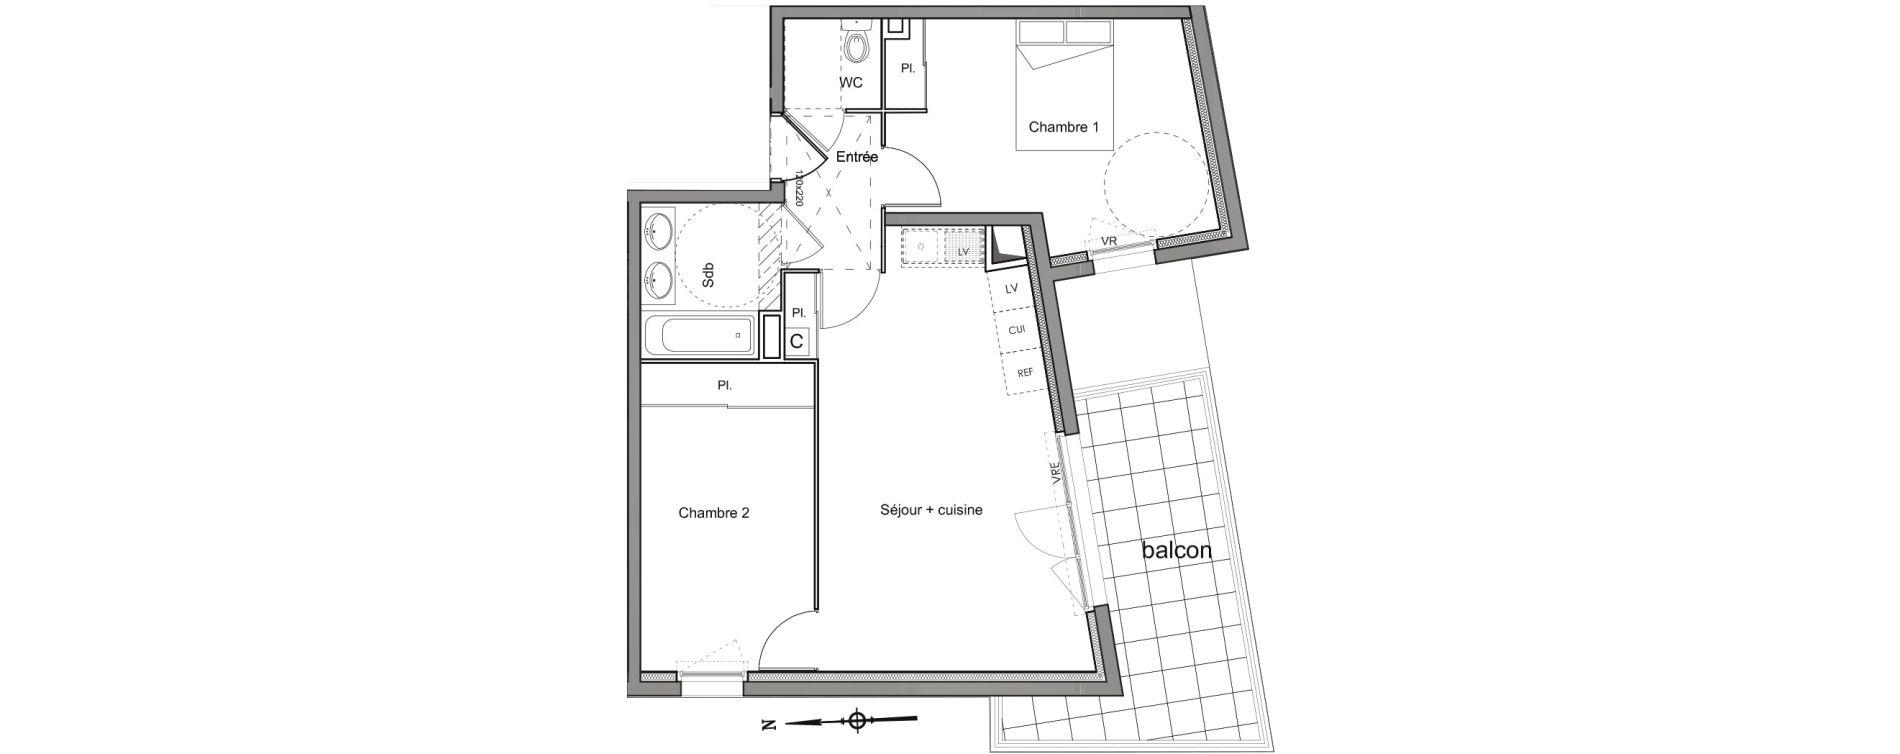 Appartement T3 de 55,70 m2 à Nîmes Les marronniers